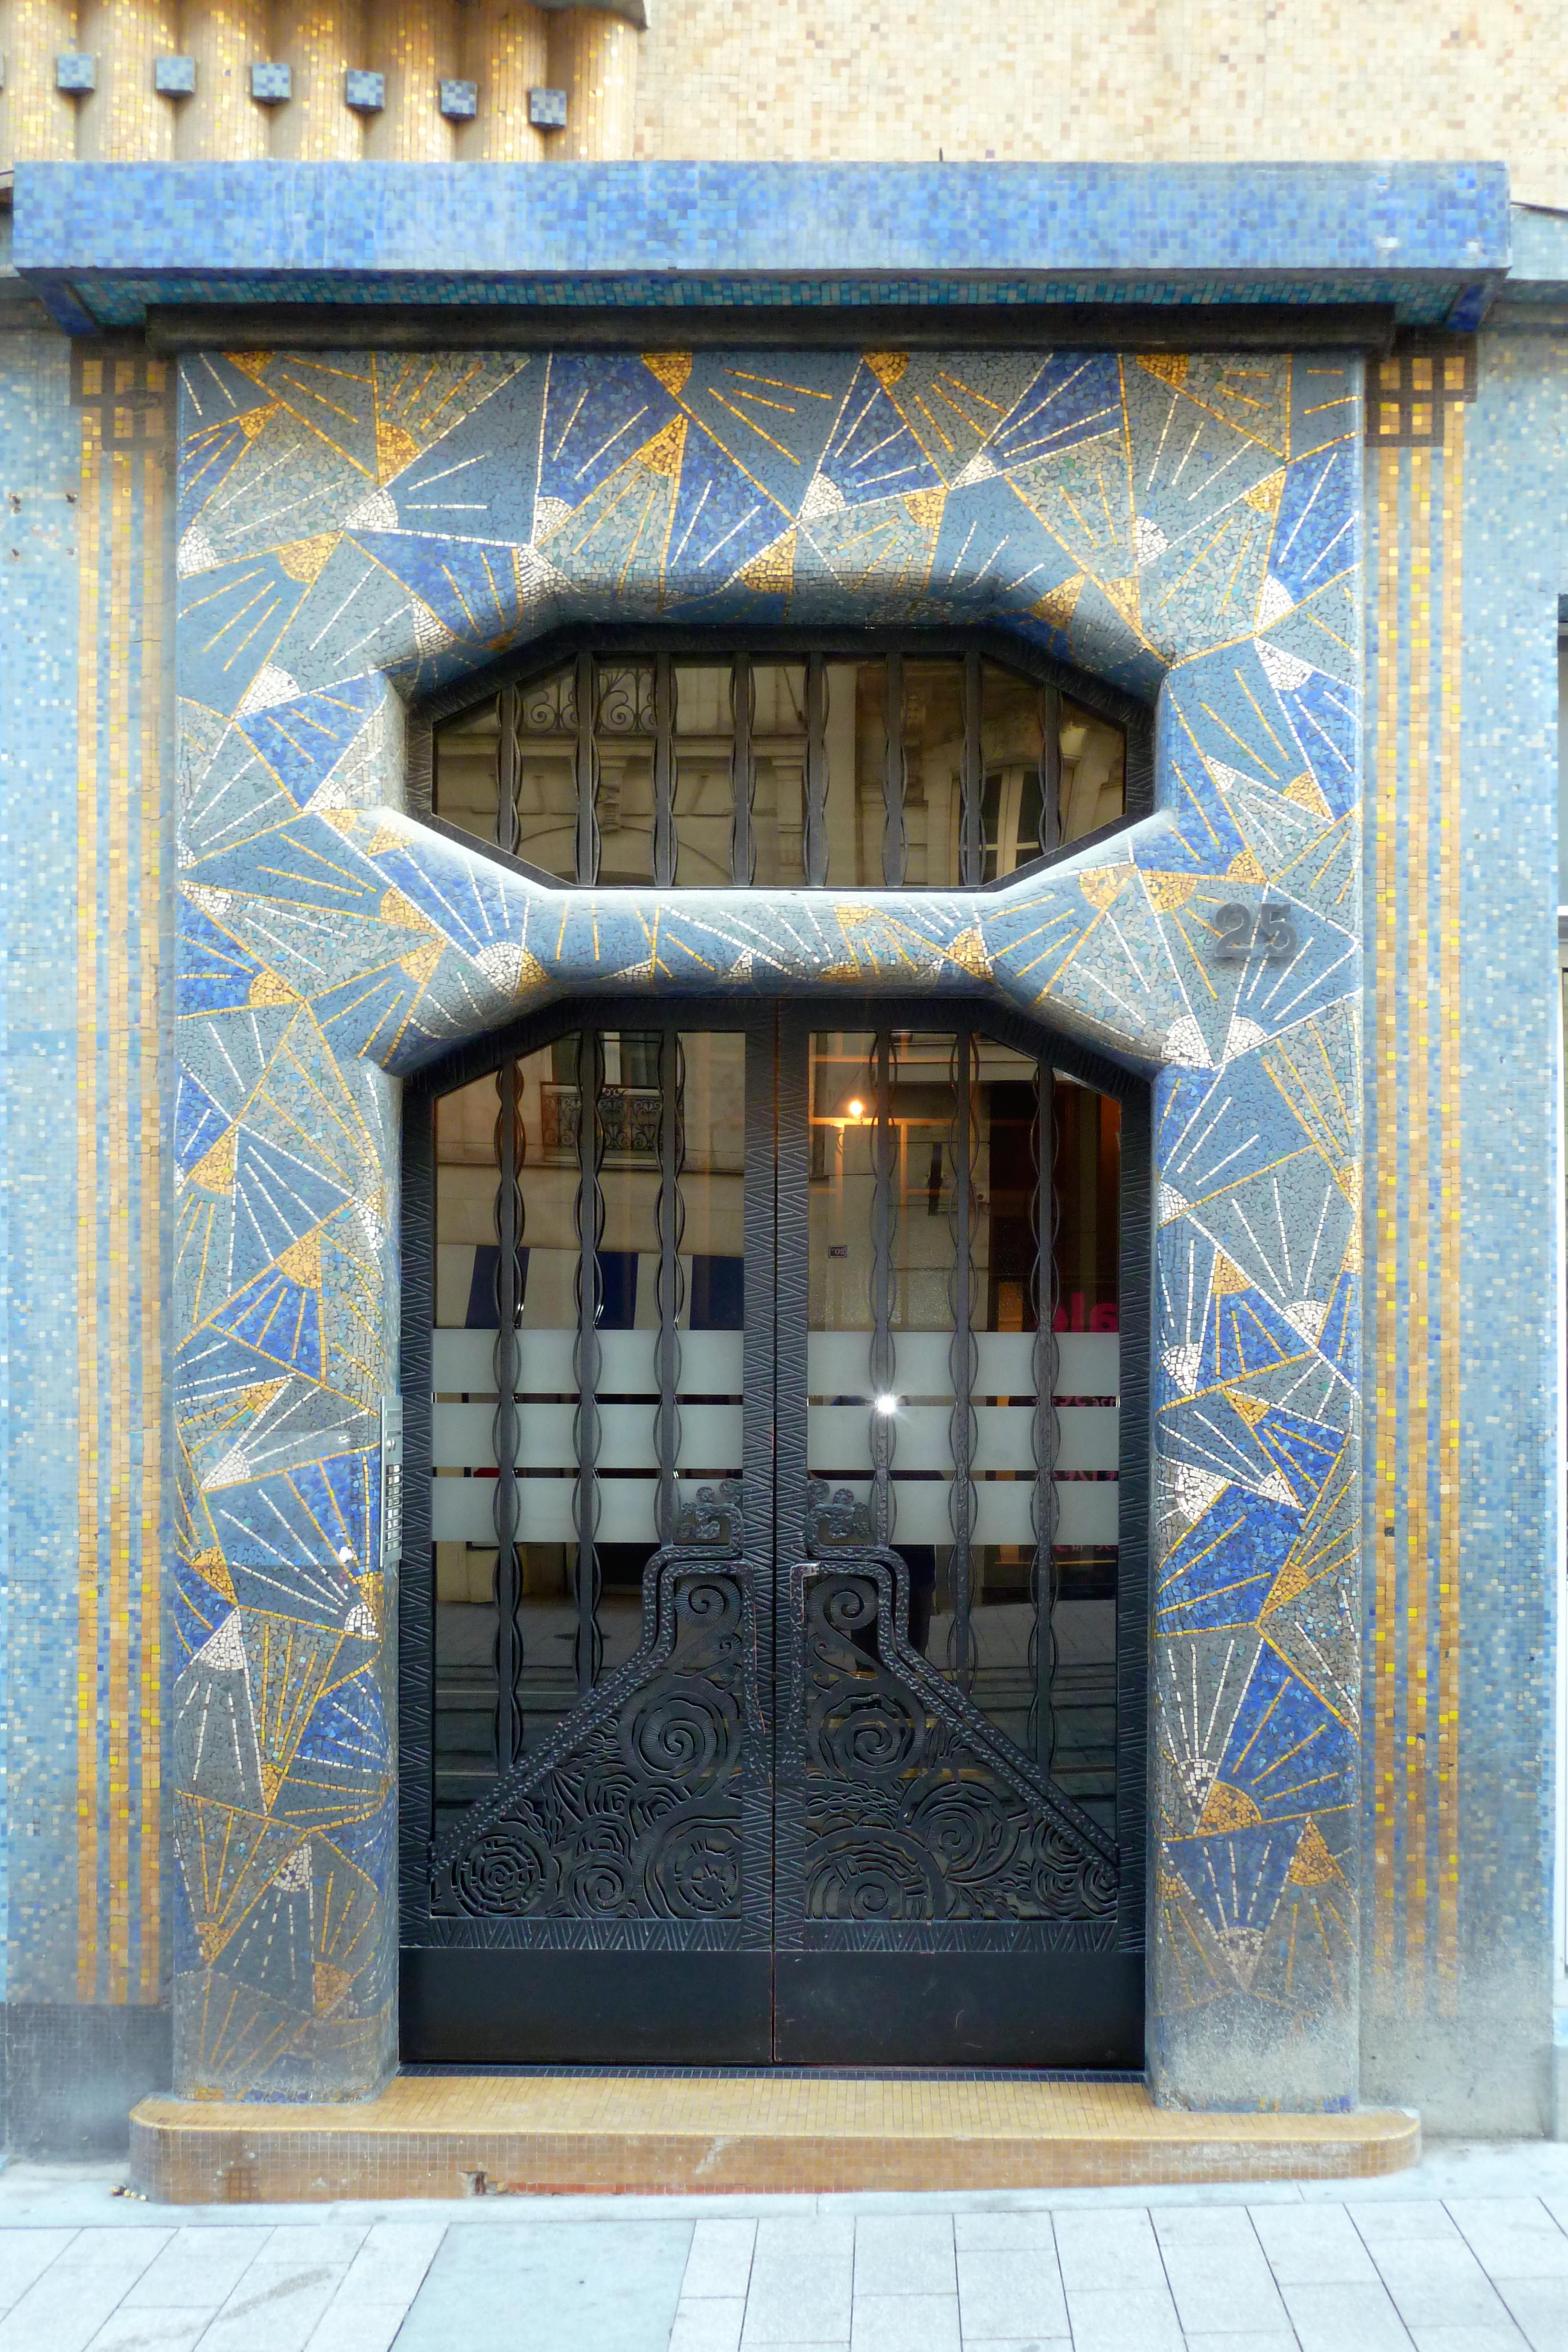 FileLa Maison Bleue Porte Dentrée Angers Jpg - Porte entree maison